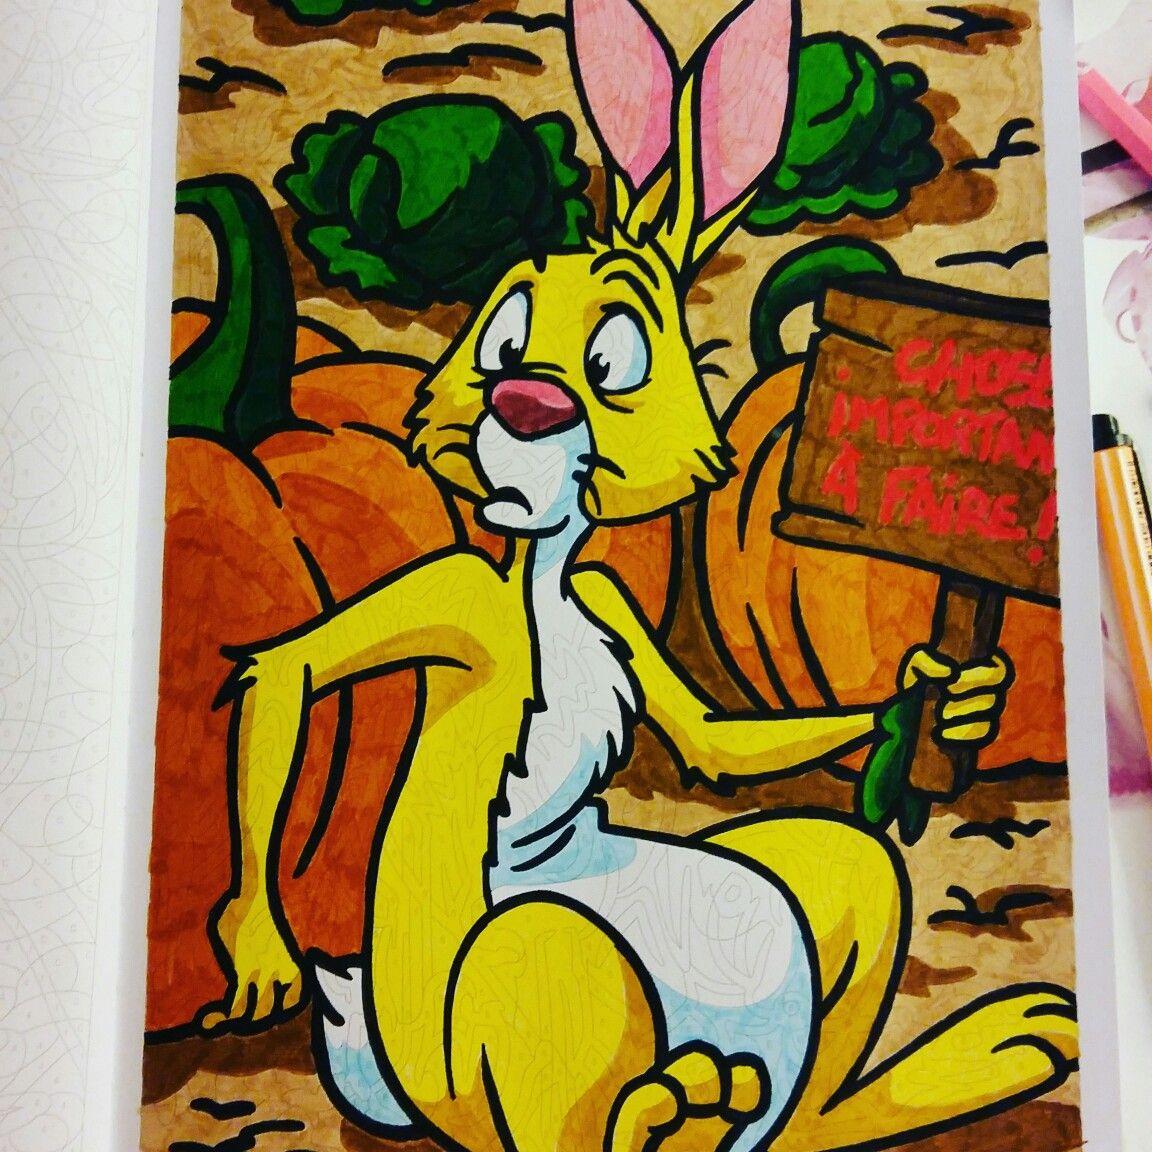 Coco lapin Disney  Coloriage, Disney, Classique disney